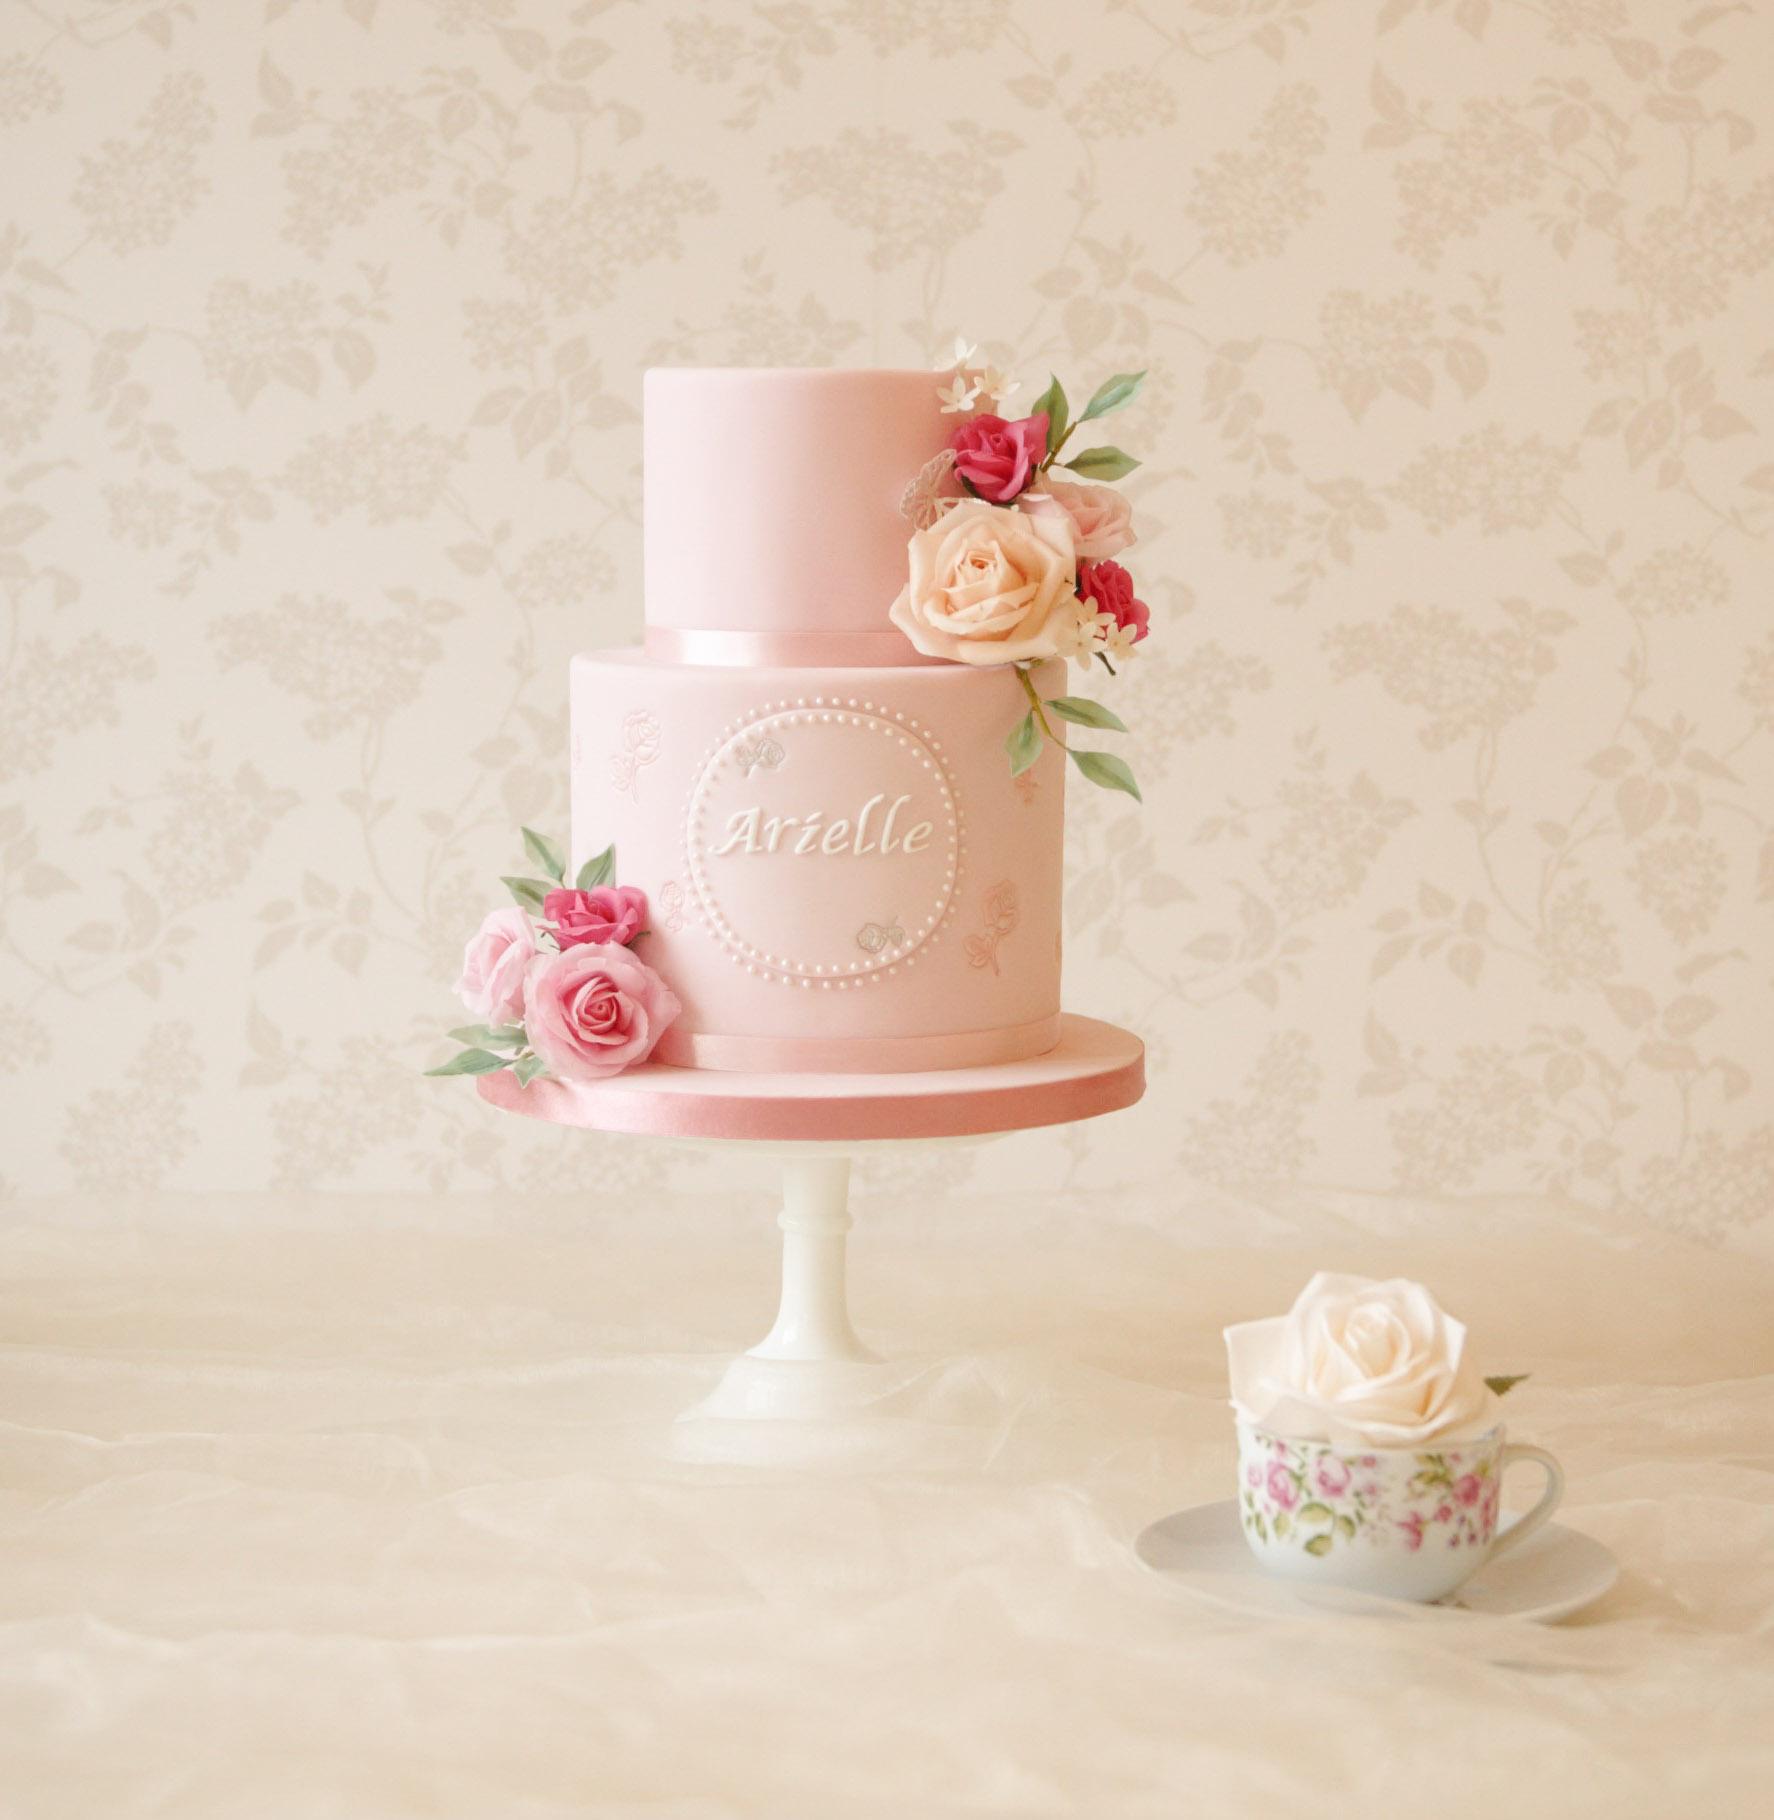 Awe Inspiring Luxury Celebration Cakes In Buckinghamshire The Rose Cake Parlour Personalised Birthday Cards Akebfashionlily Jamesorg